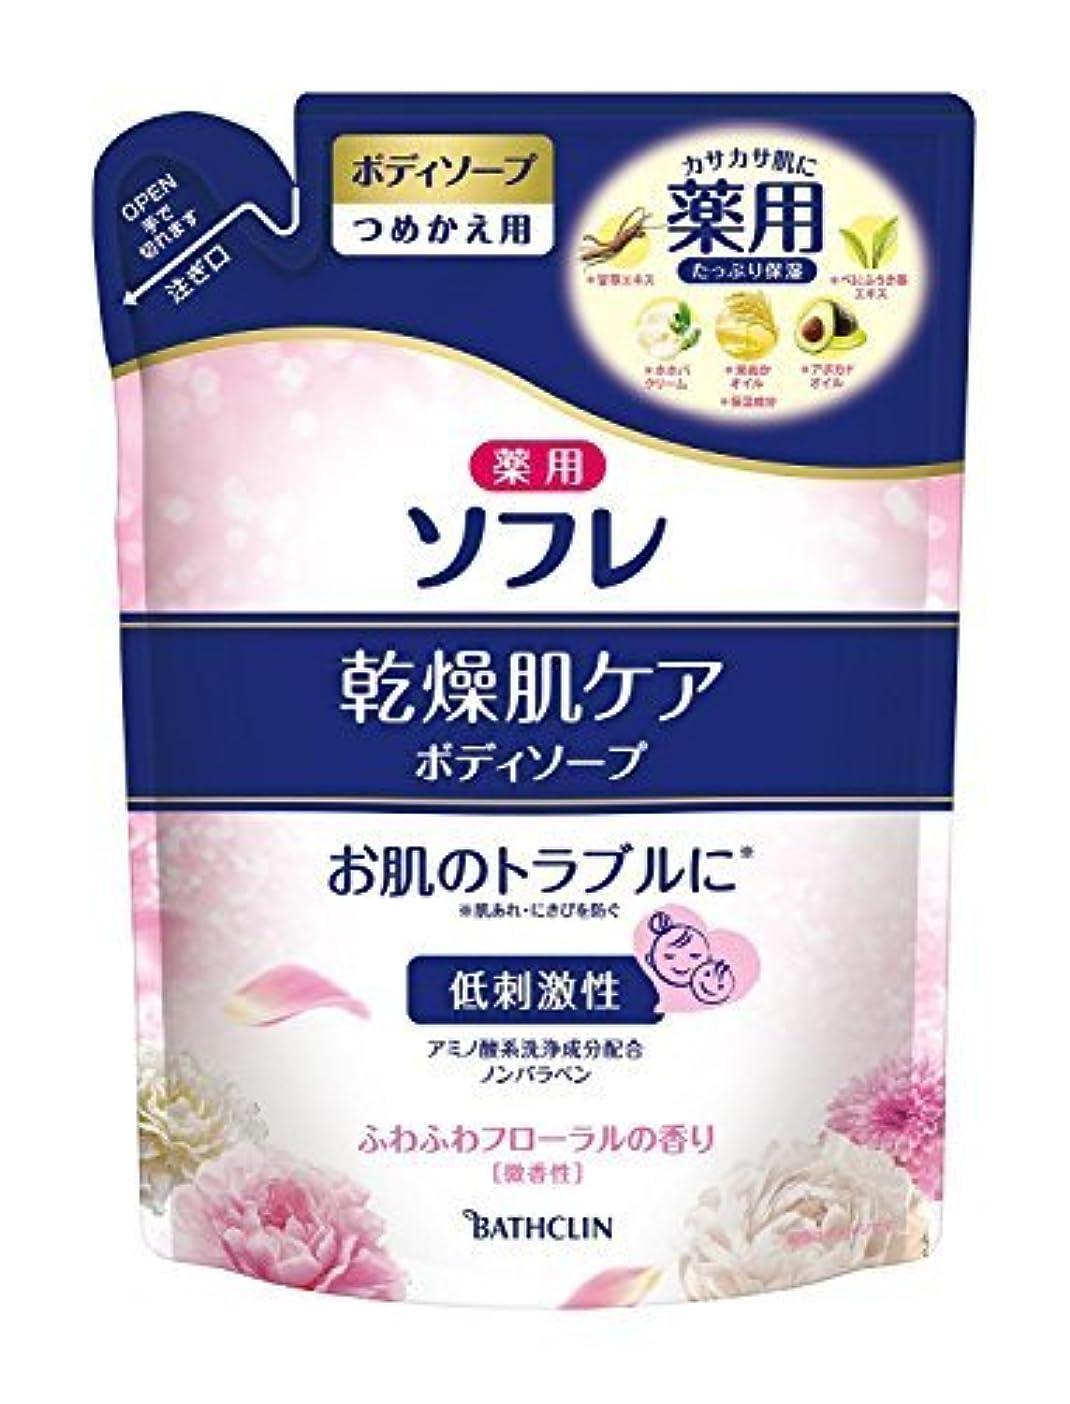 チャーミング素晴らしい十薬用ソフレ 乾燥肌ケアボディ詰替 × 10個セット